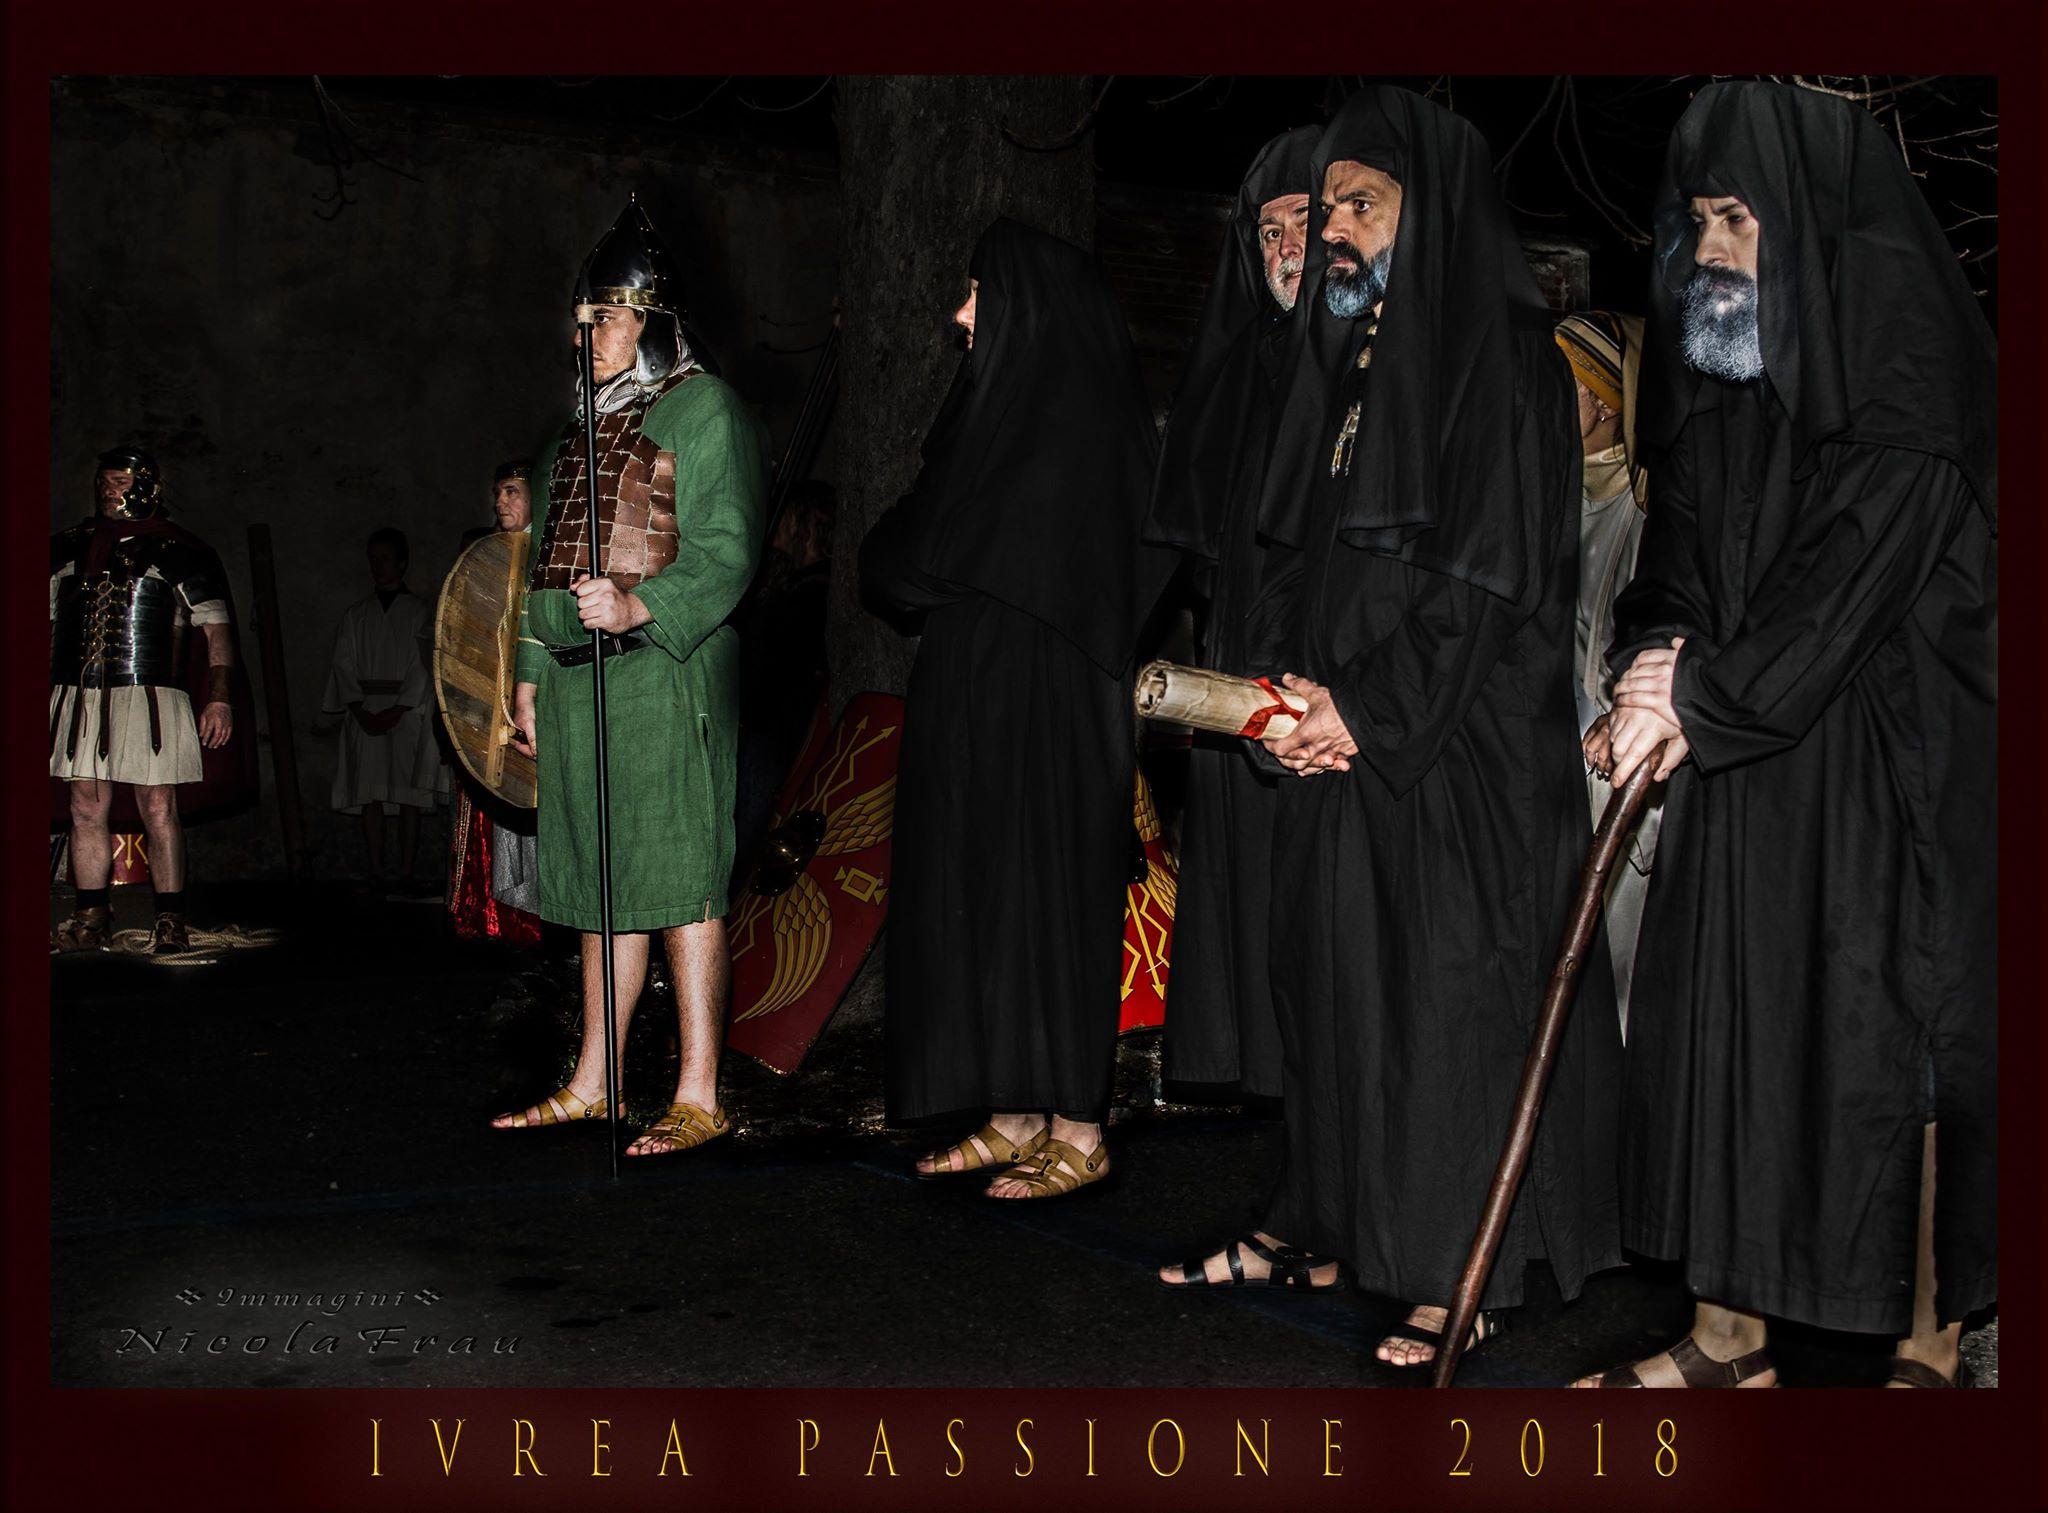 Passione di Cristo Ivrea 2018 - UNESCO - Nicola Frau (Il SInedrio)